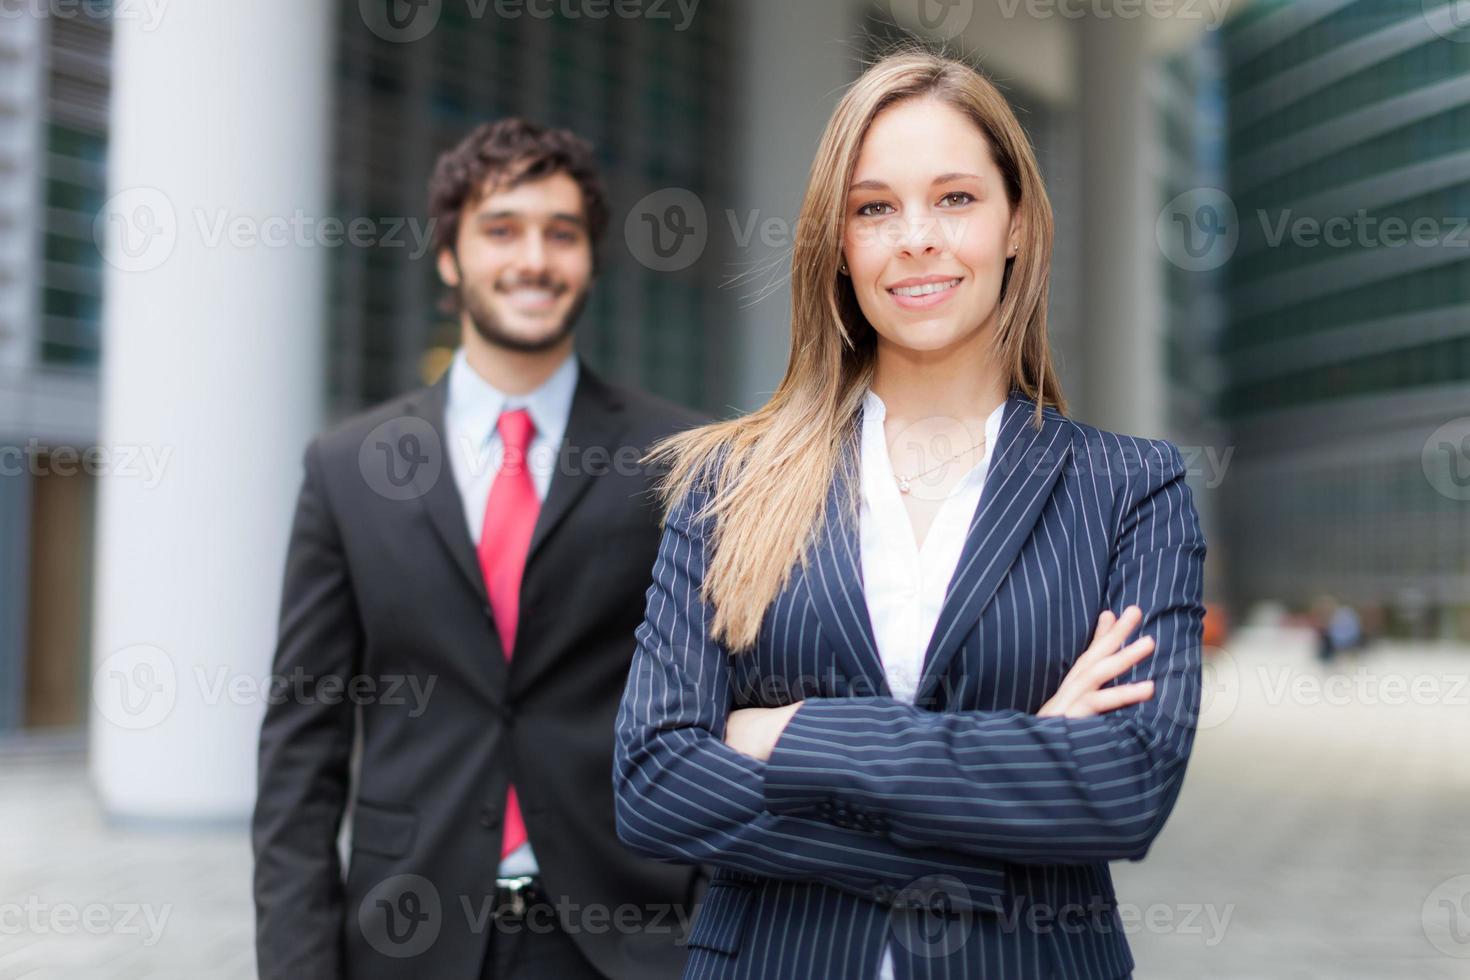 Compañeros de negocio foto